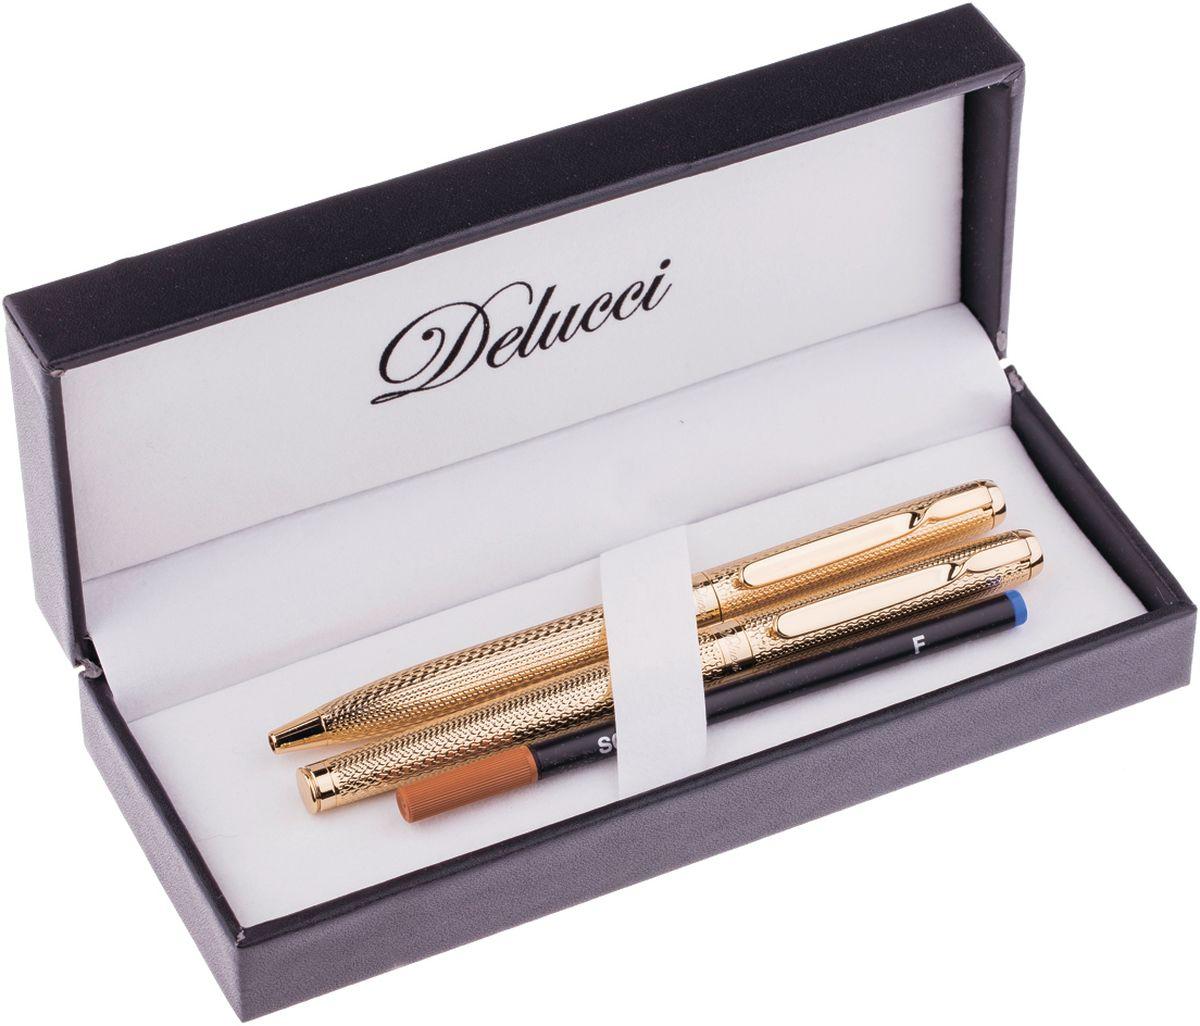 Delucci Набор ручек цвет синий CPn_11914CPn_11914Изысканный подарочный набор Delucci в оригинальной упаковке: шариковая ручка , диаметр пишущего узла - 1,0 мм и ручка роллер, диаметр пишущего узла - 0,6 мм. Цвет корпуса и отделка золотистого цвета, с рифлением. Изящная гравировка.